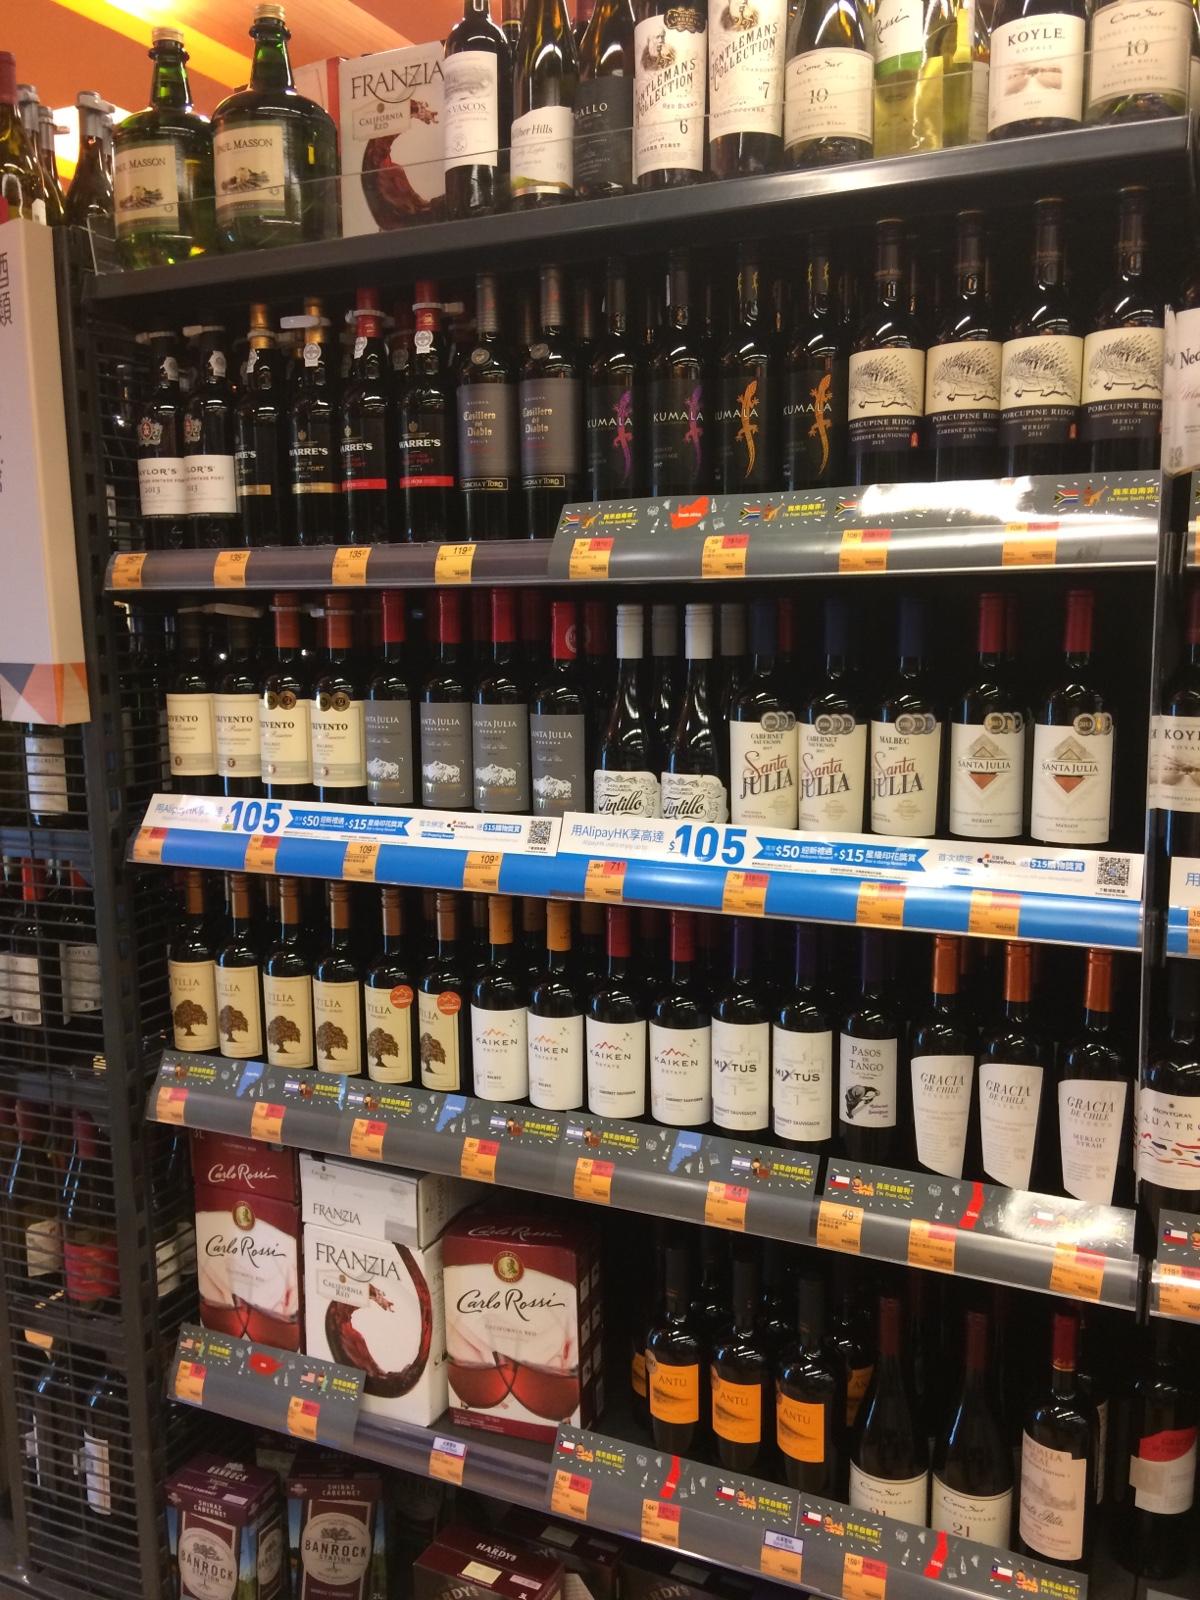 6 美國原裝進口 6 盒袋裝雙杯紅酒 美國加州樂事紅酒 3L